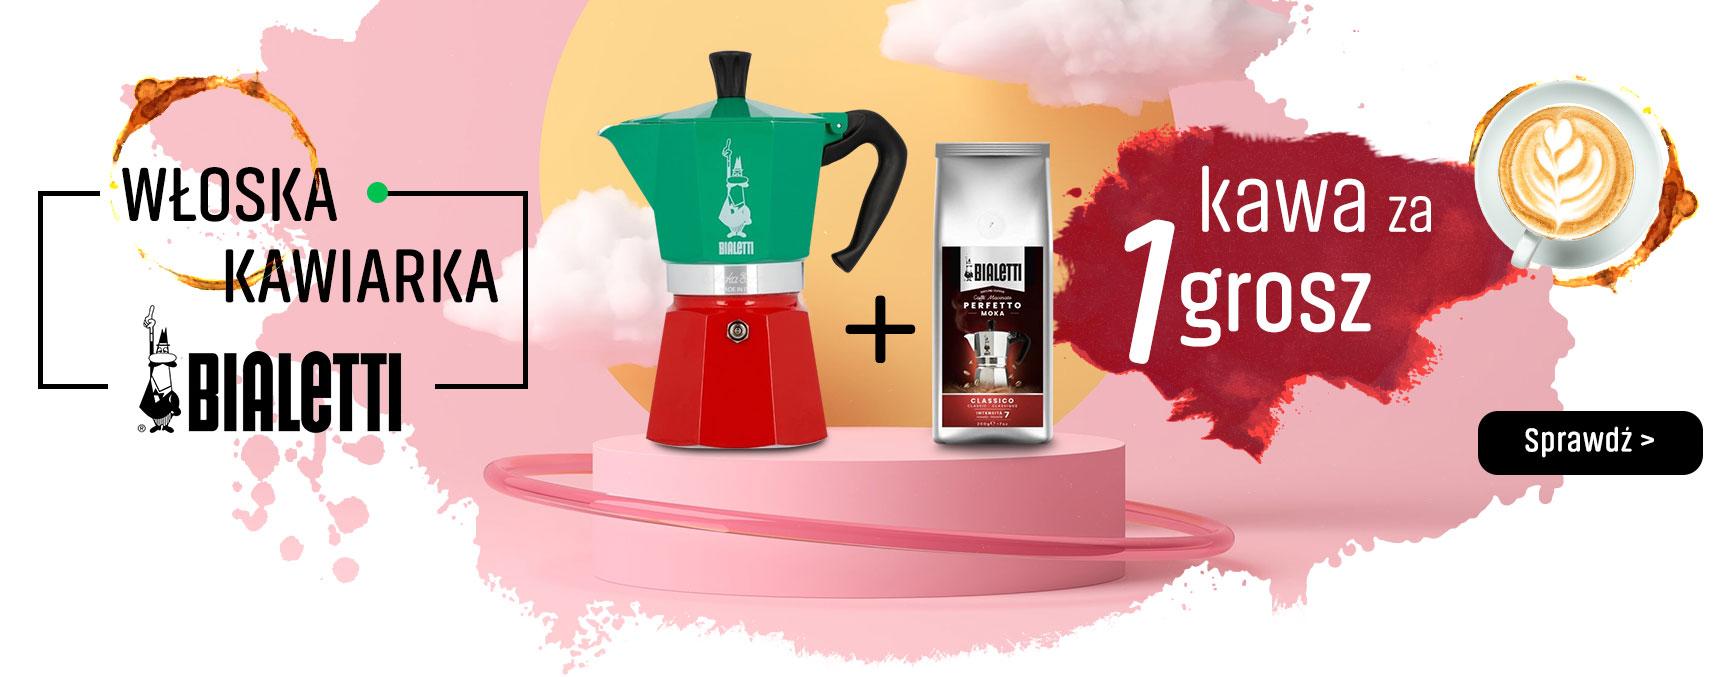 Włoska kawiarka BIaletti + kawa za 1 grosz